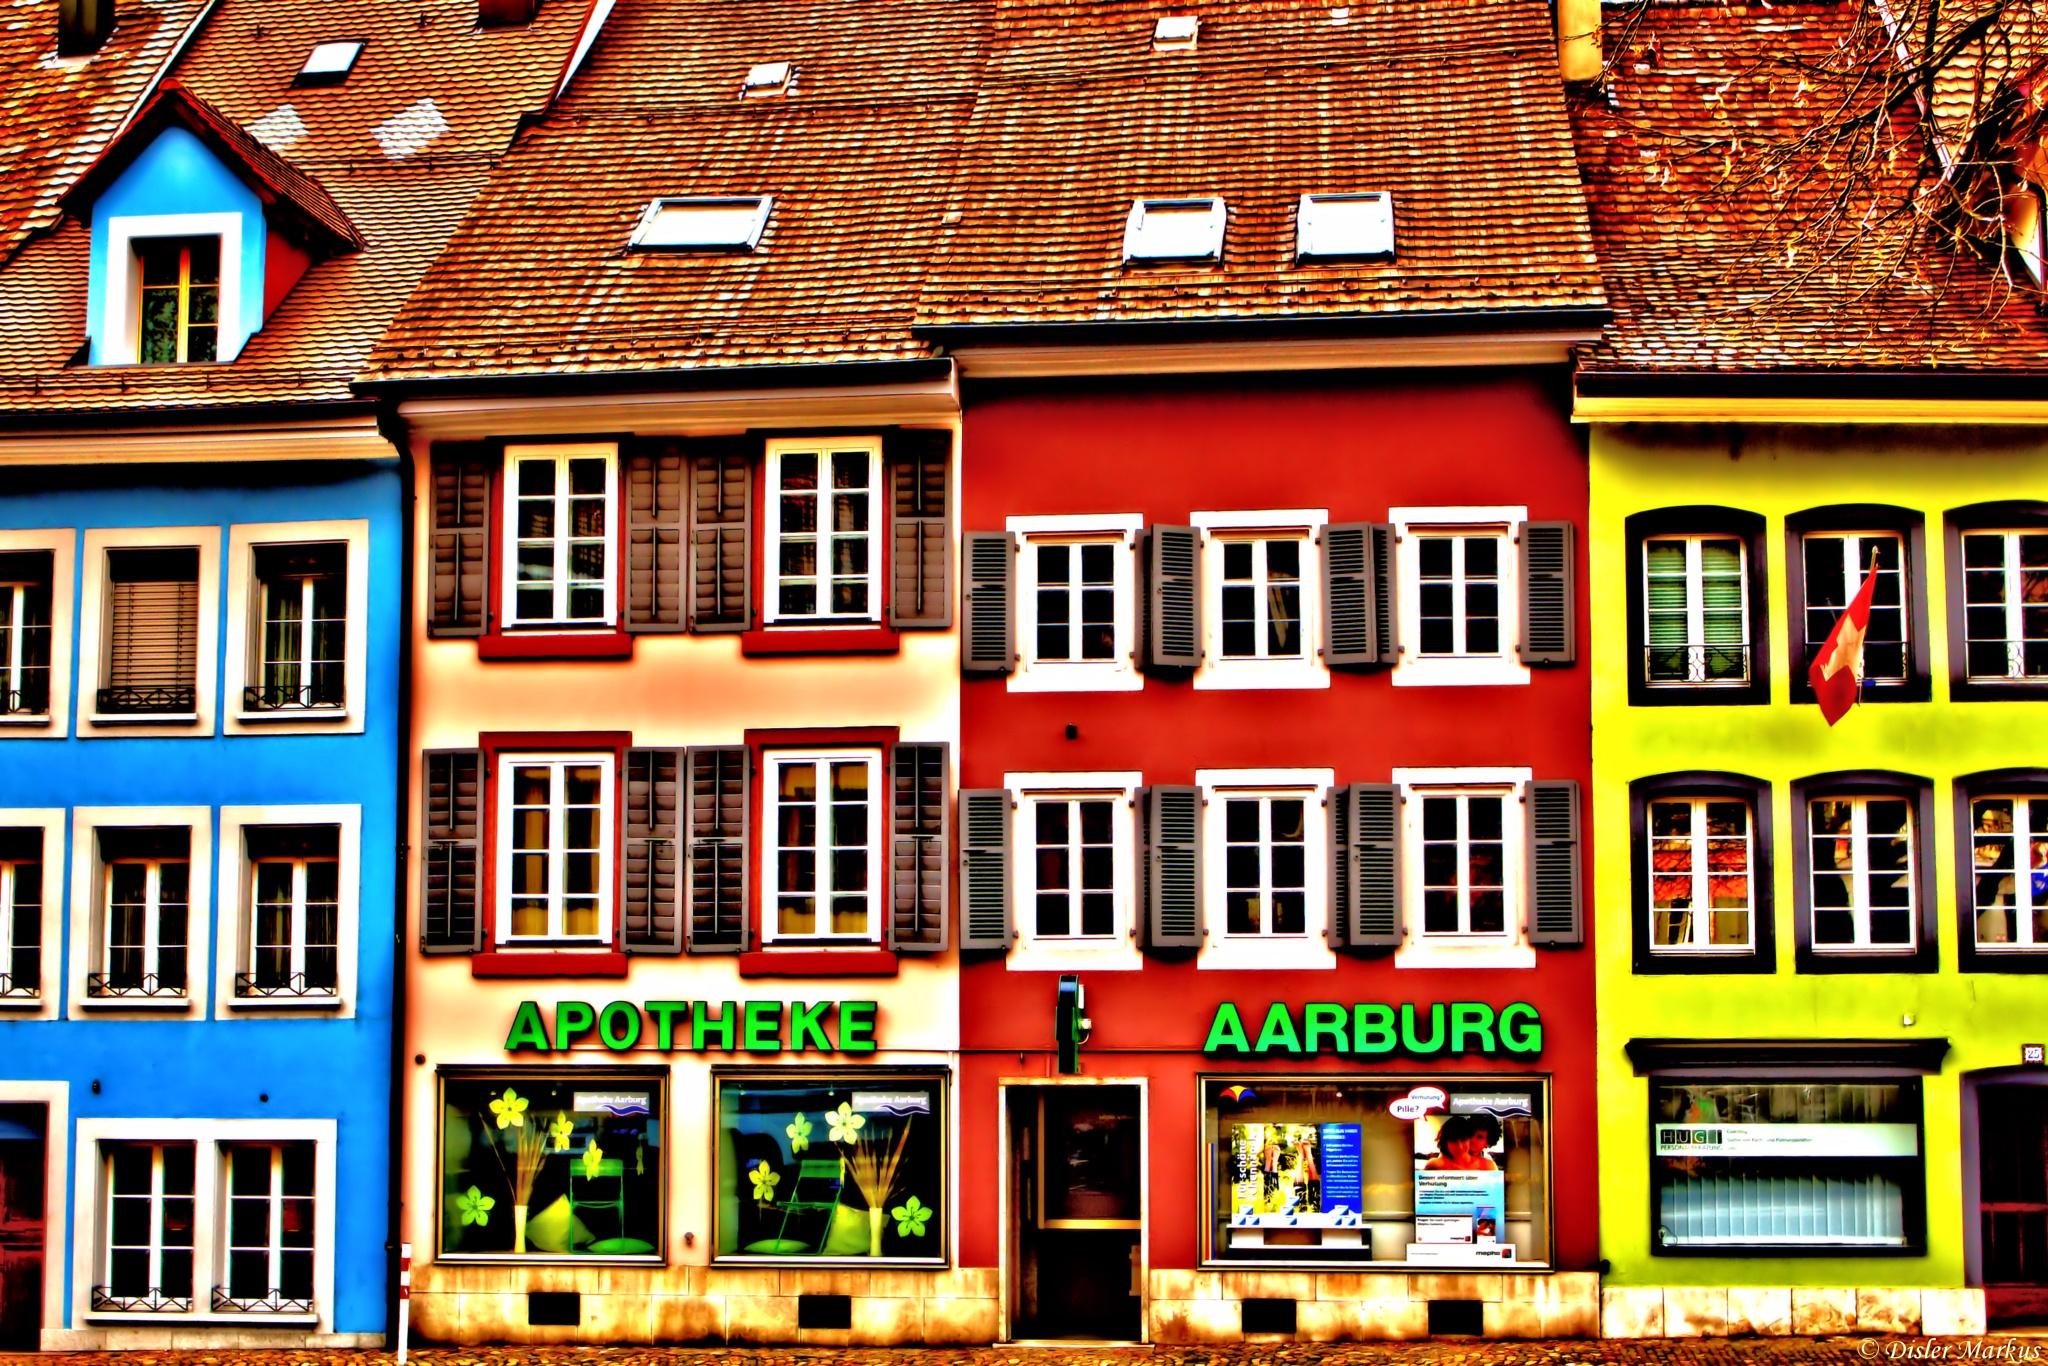 Old town of Aarburg by Disler Markus